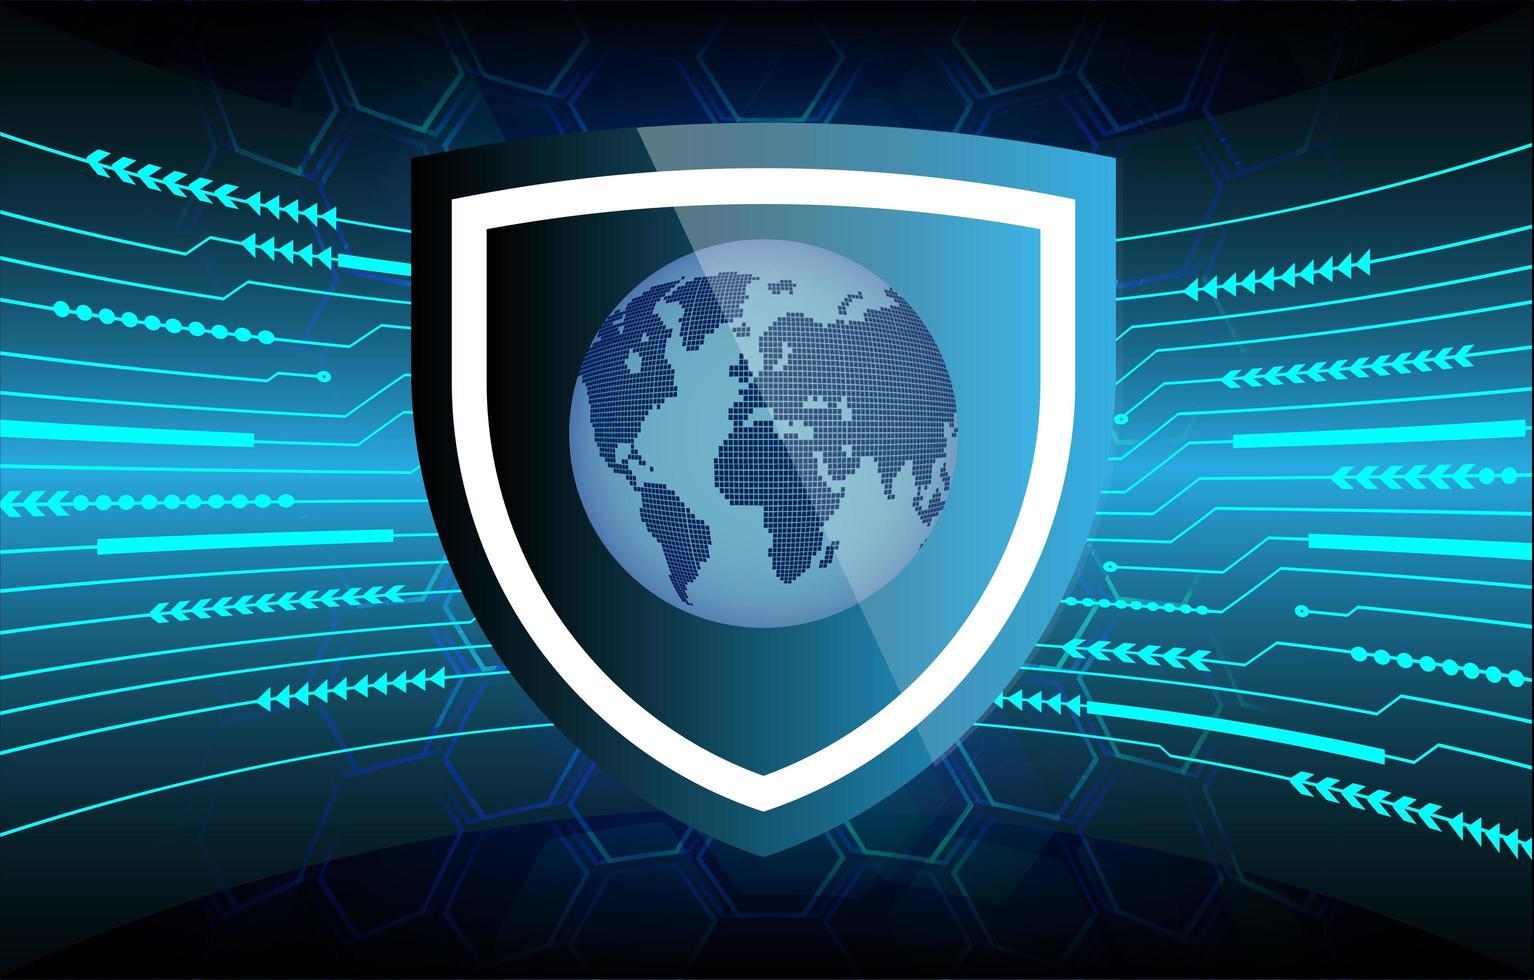 fond de sécurité bleu futur et technologie avec carte du monde vecteur